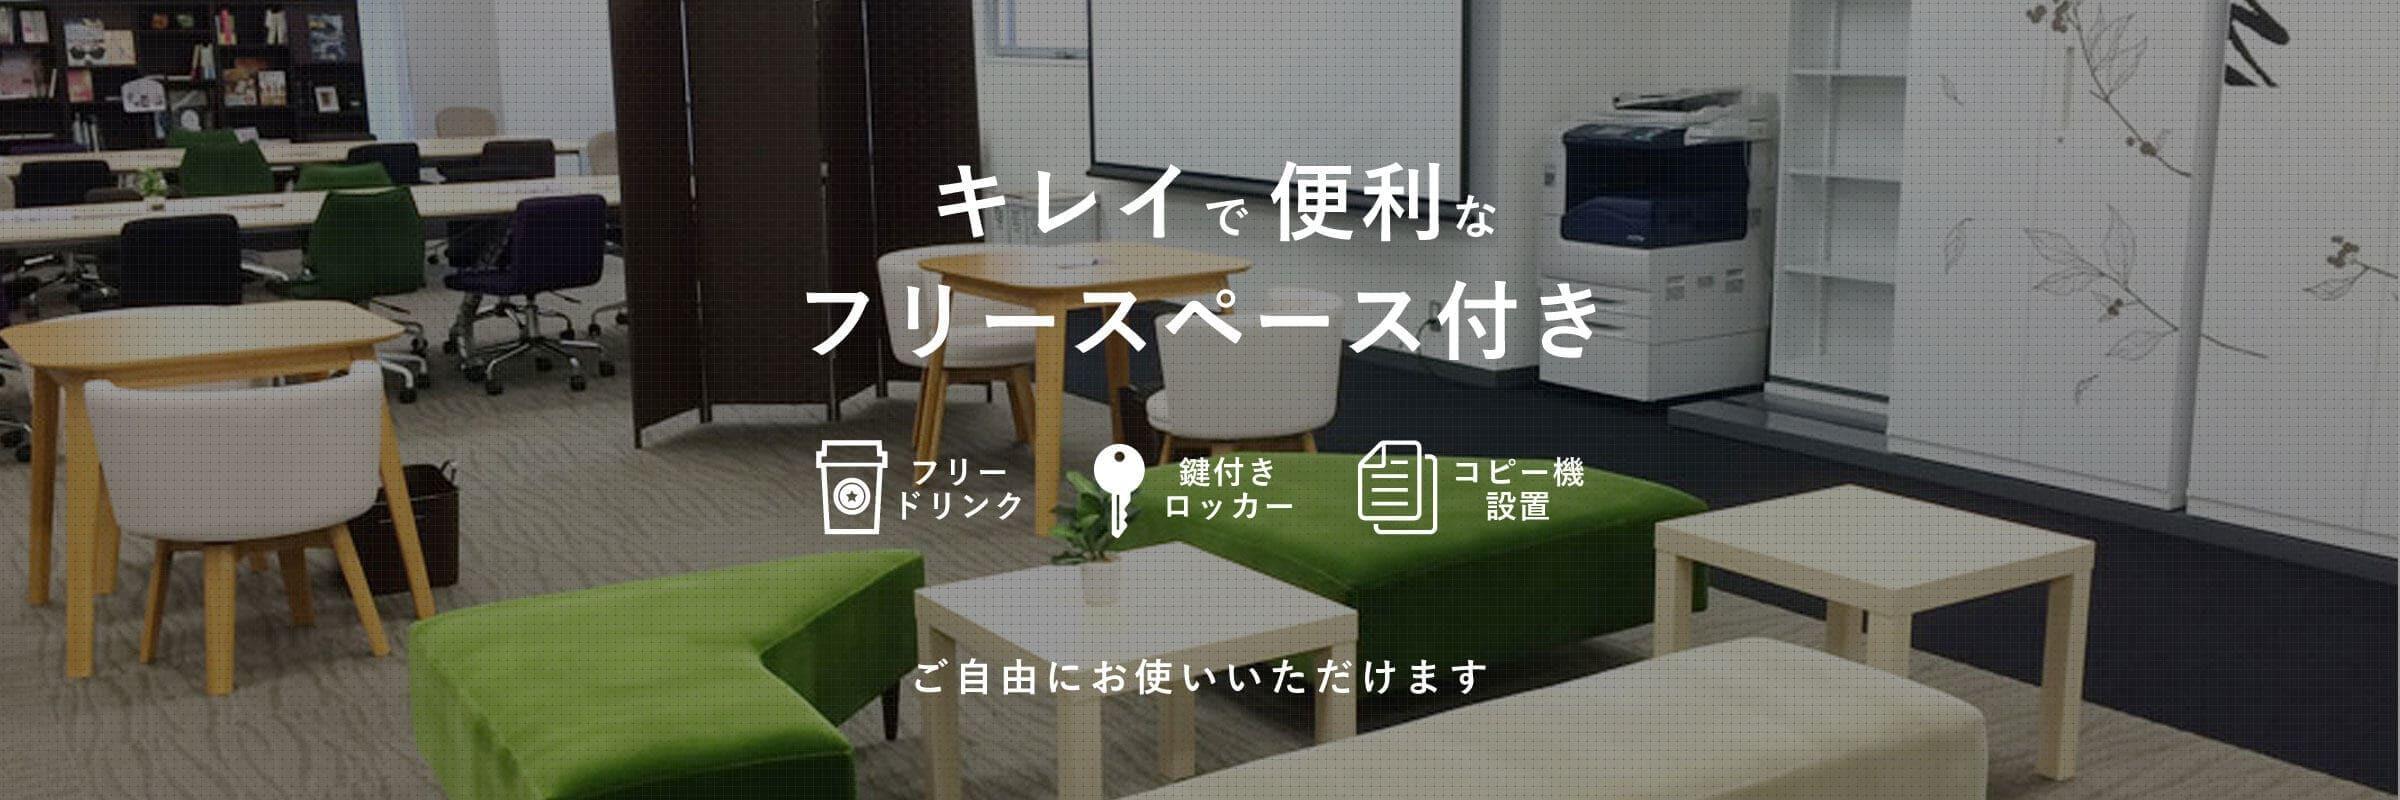 大阪クロススクエアには、貸し会議室をご利用のお客様ならどなたでも無料で利用できるフリースペースがございます